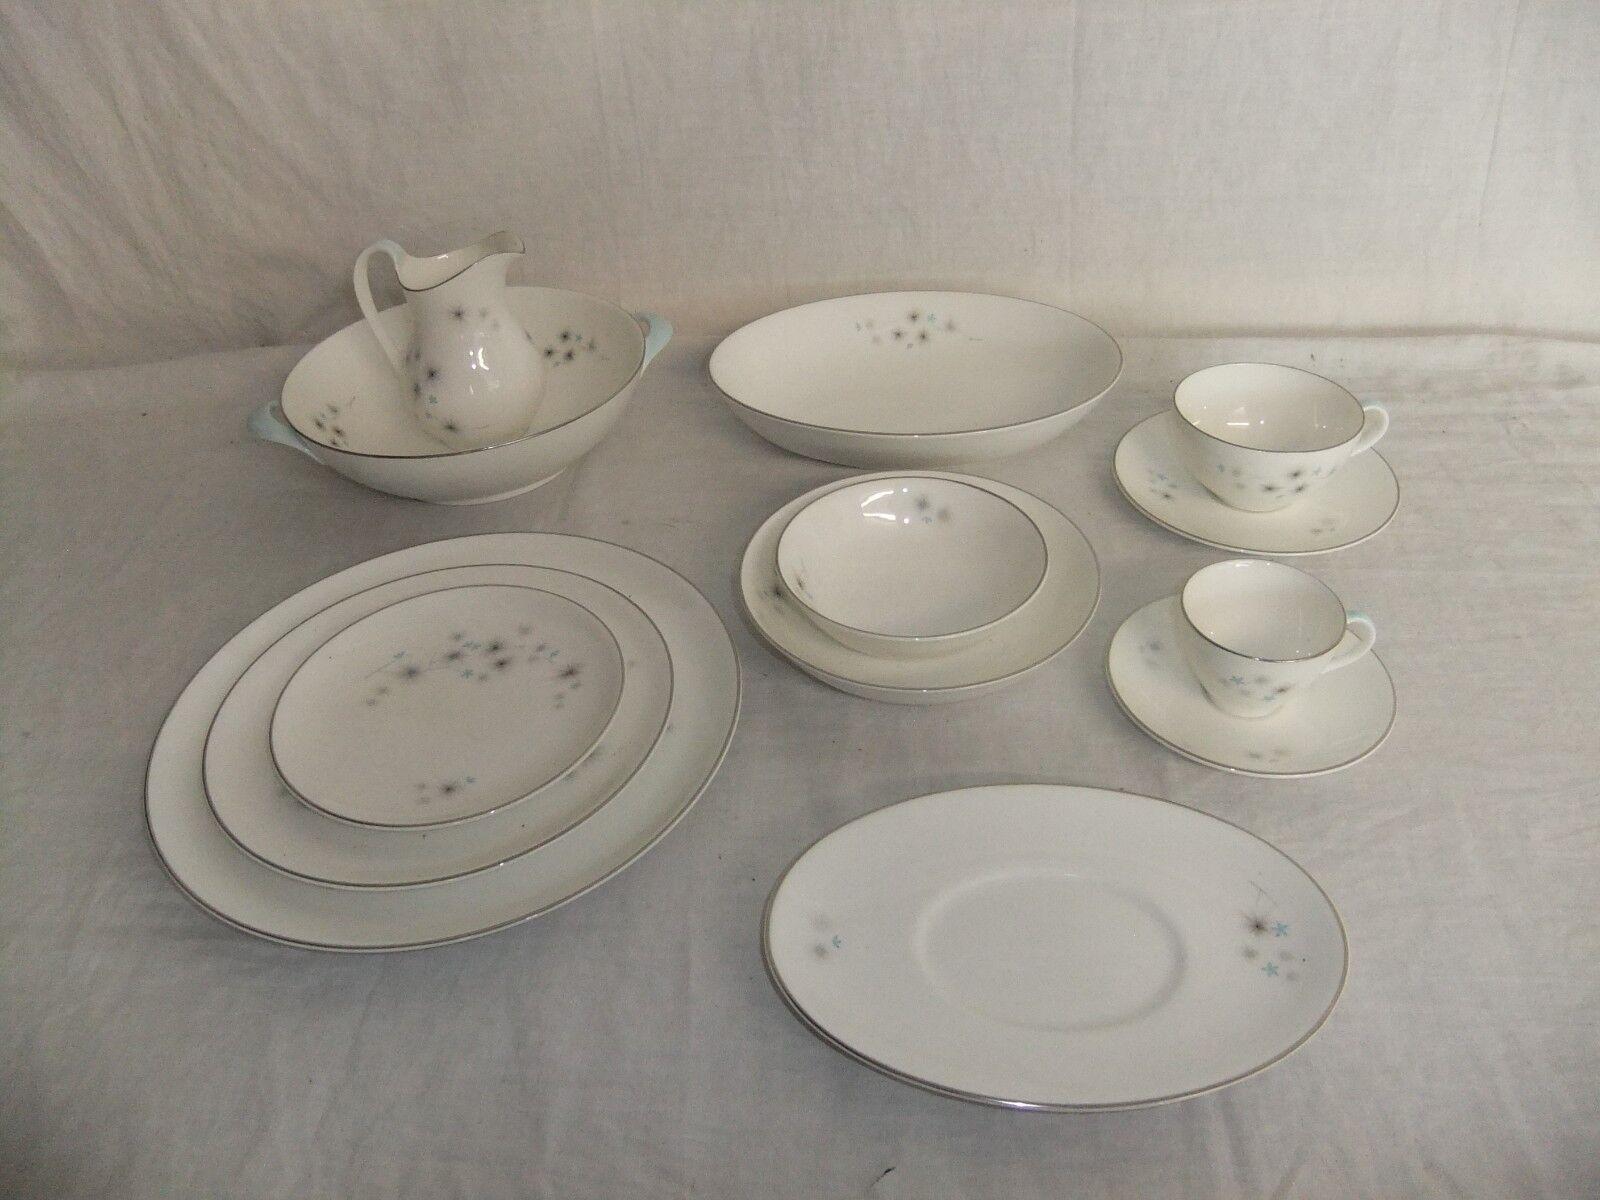 C4 Porcelain Royal Doulton Thistledown 5D7A